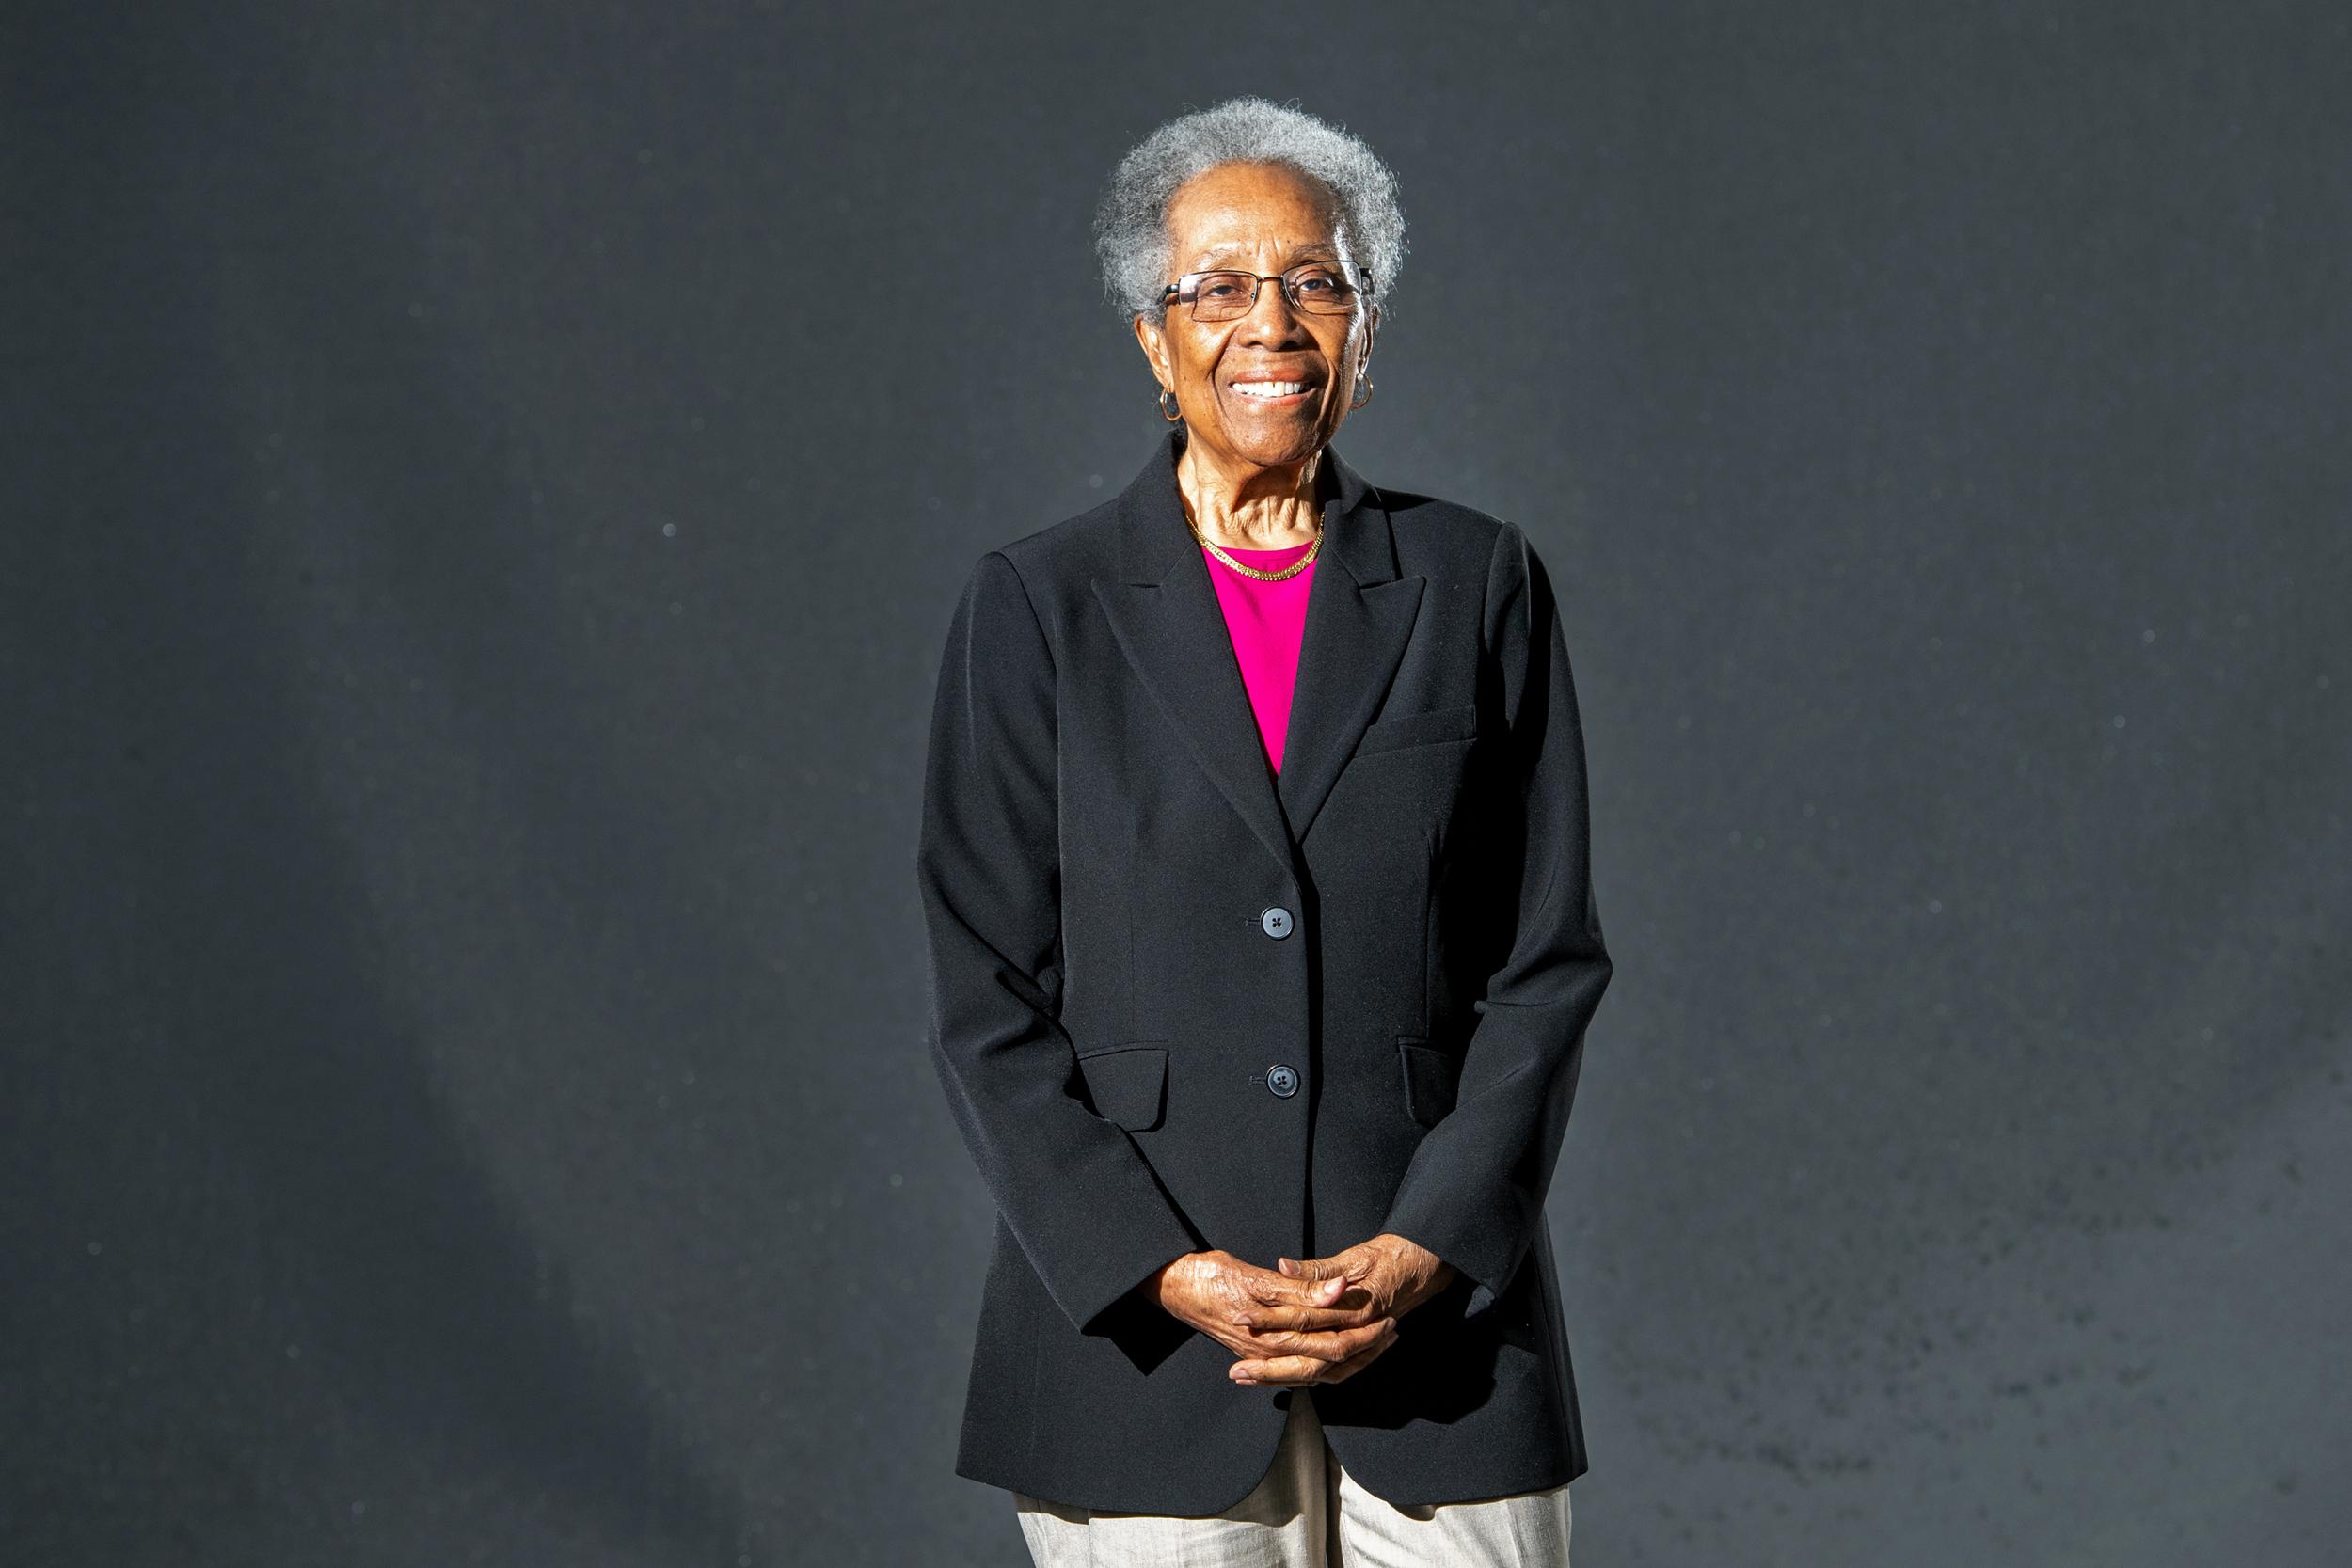 'Master poet, groundbreaking storyteller': Remembering a pioneer of Black literature